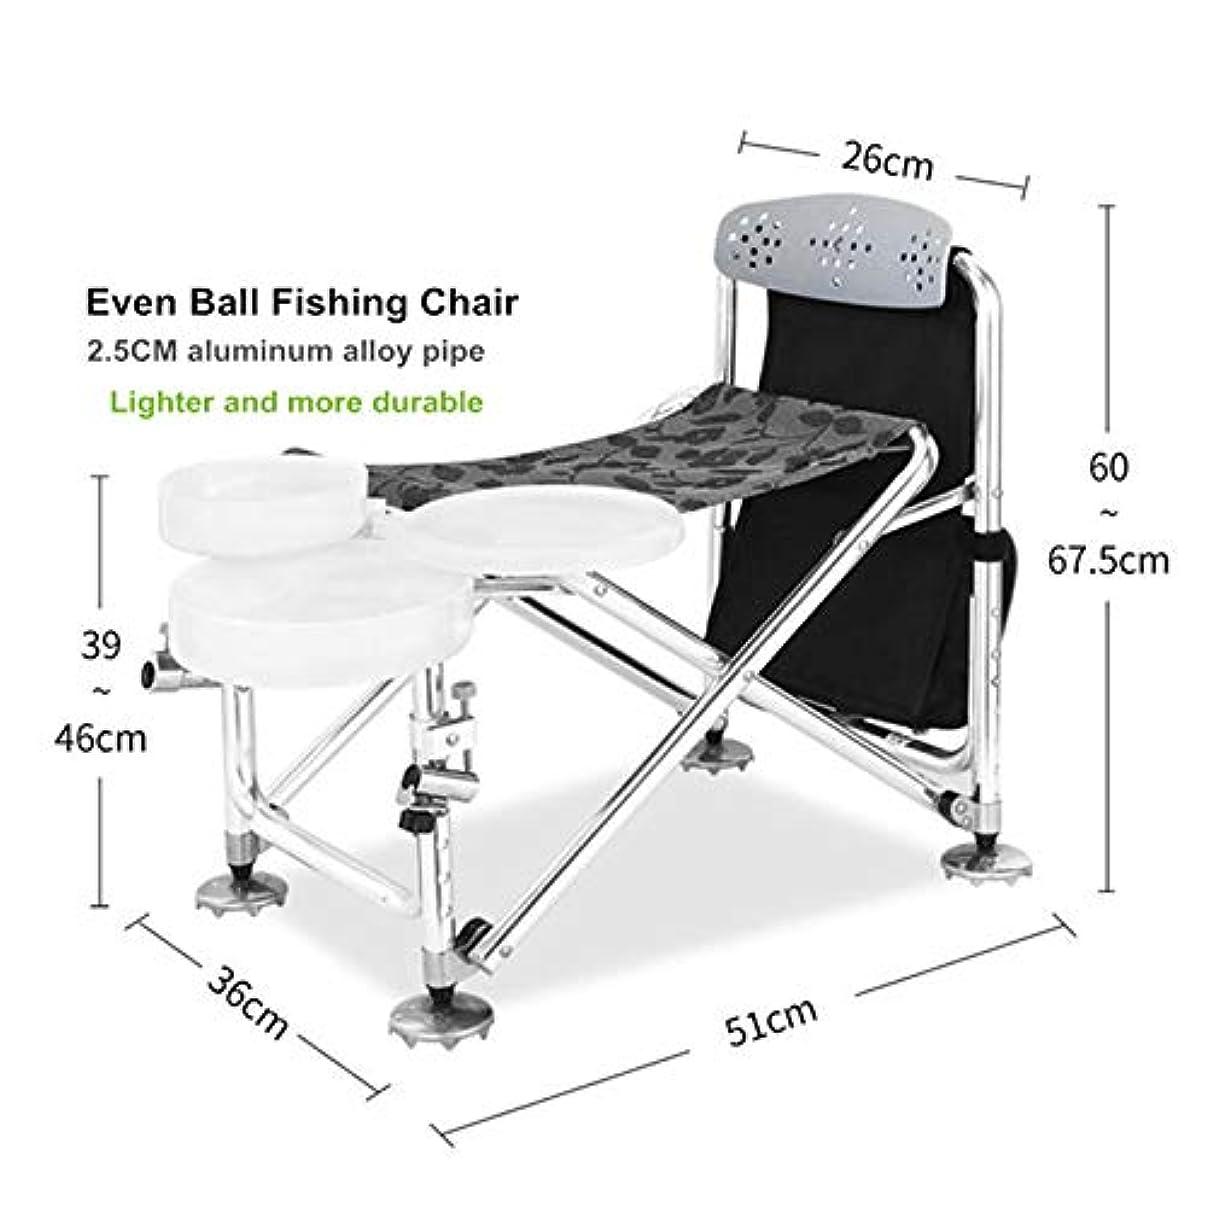 注目すべき解説フォルダHWZ釣り椅子アルミ背もたれ屋外超軽量多機能折りたたみテーブル釣り椅子